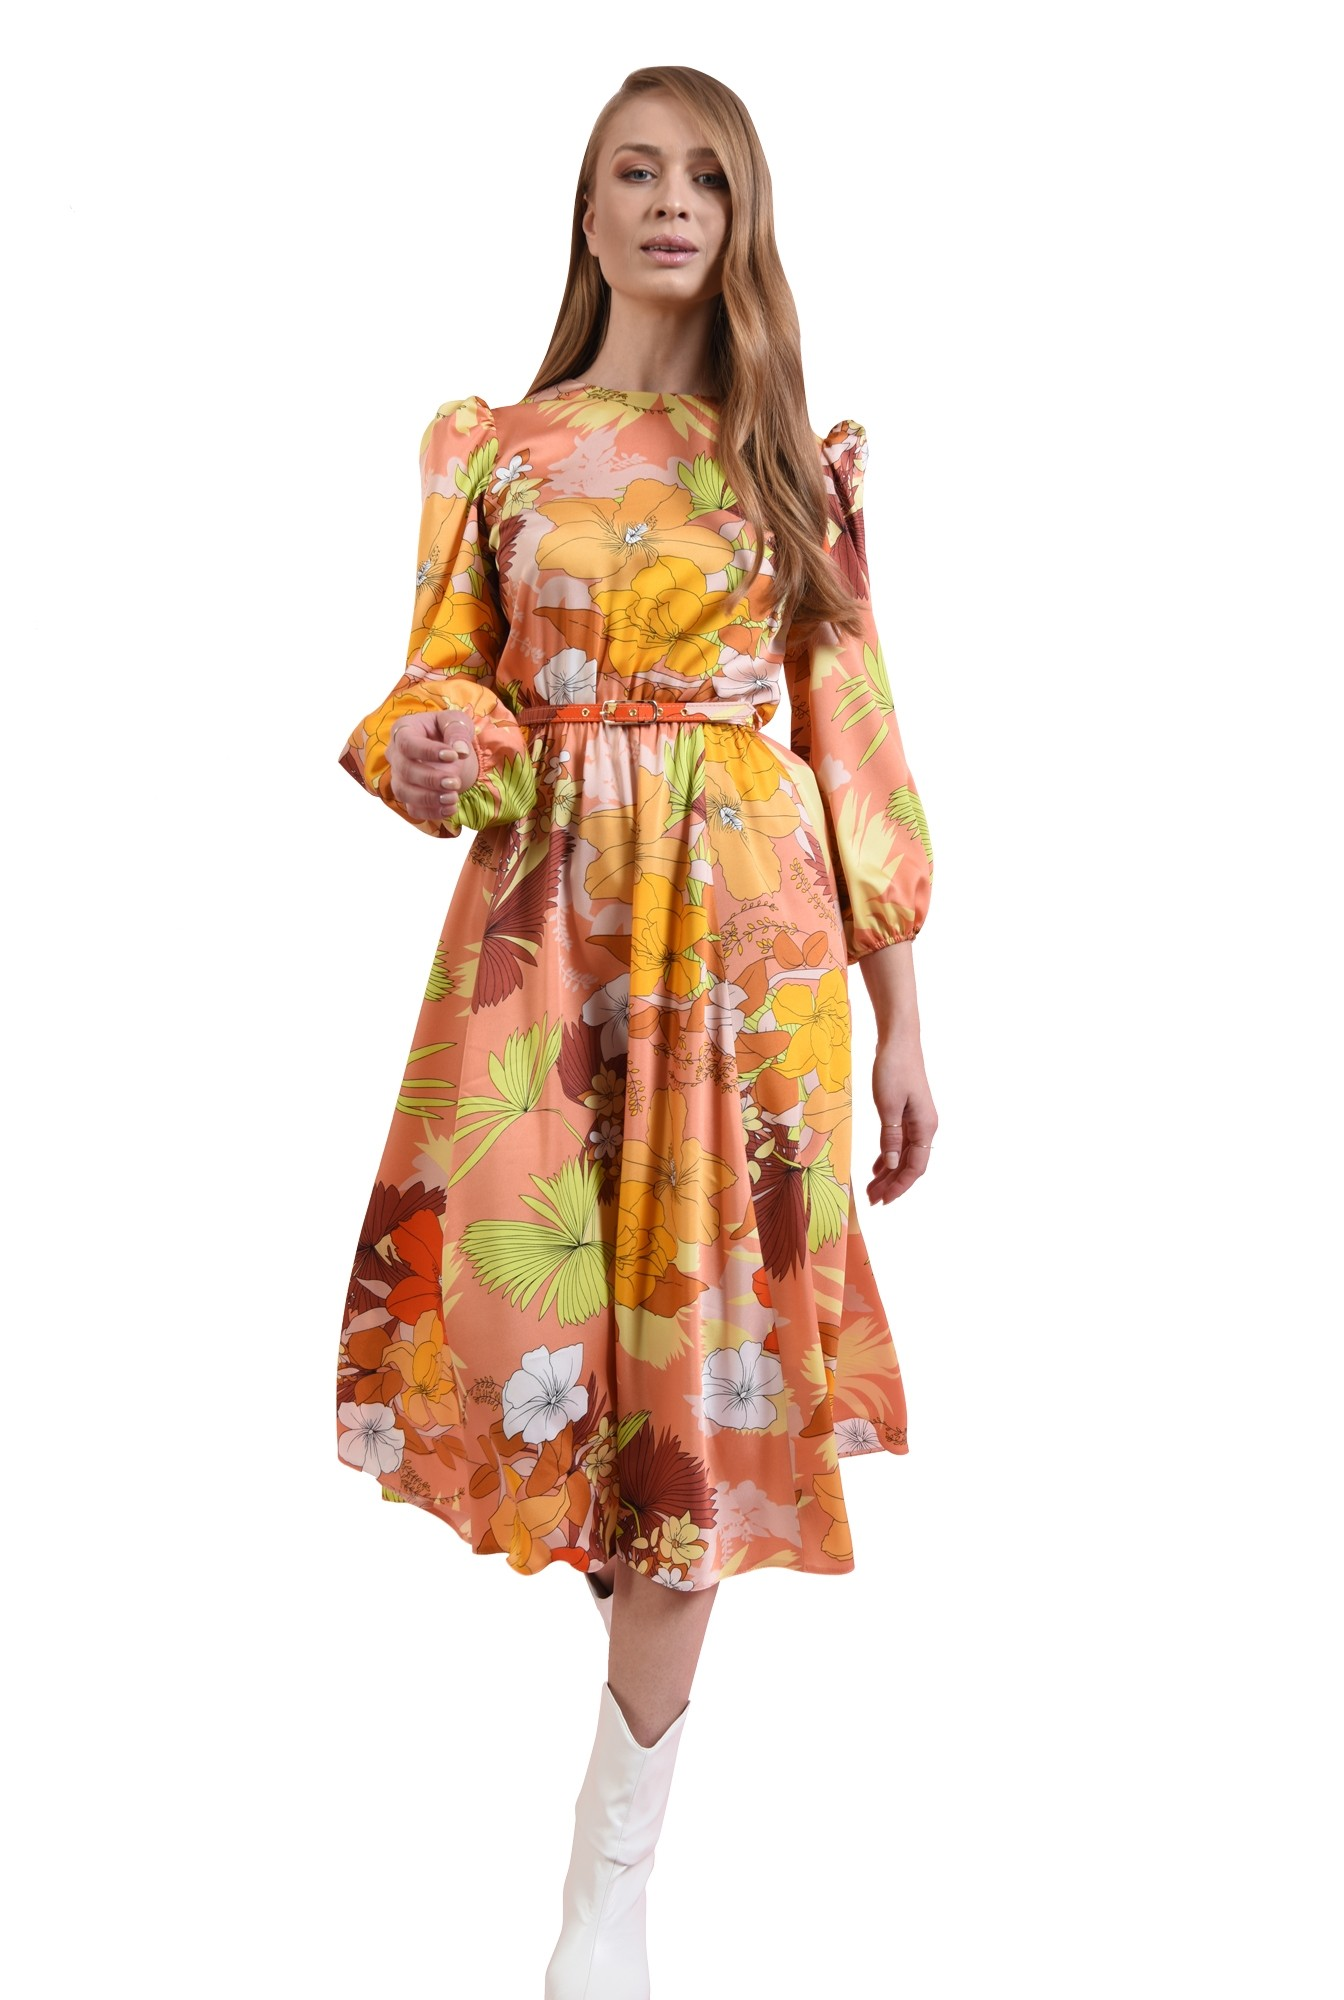 3 - rochie cu umeri accentuati, cu centura